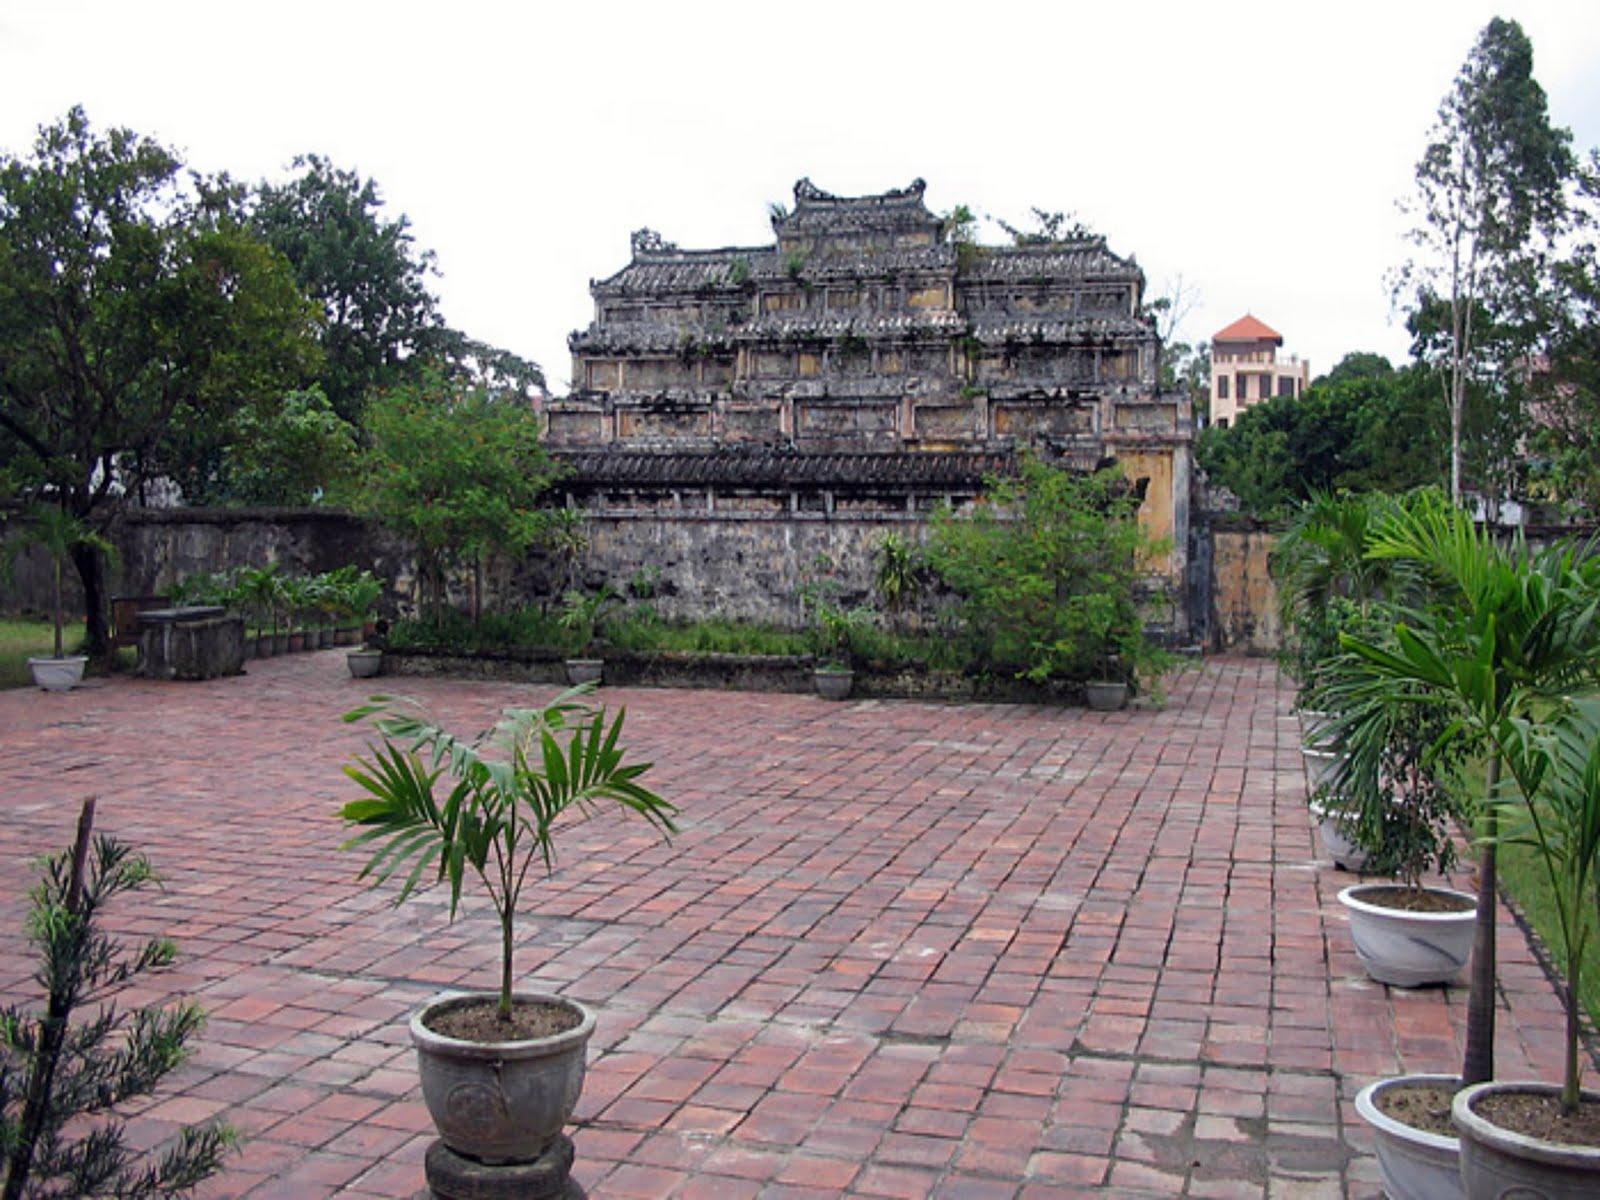 imperial tomb of duc duc hue  vietnam - sarcophagus in the tomb of emperor duc duc in hue imperial  vietnam